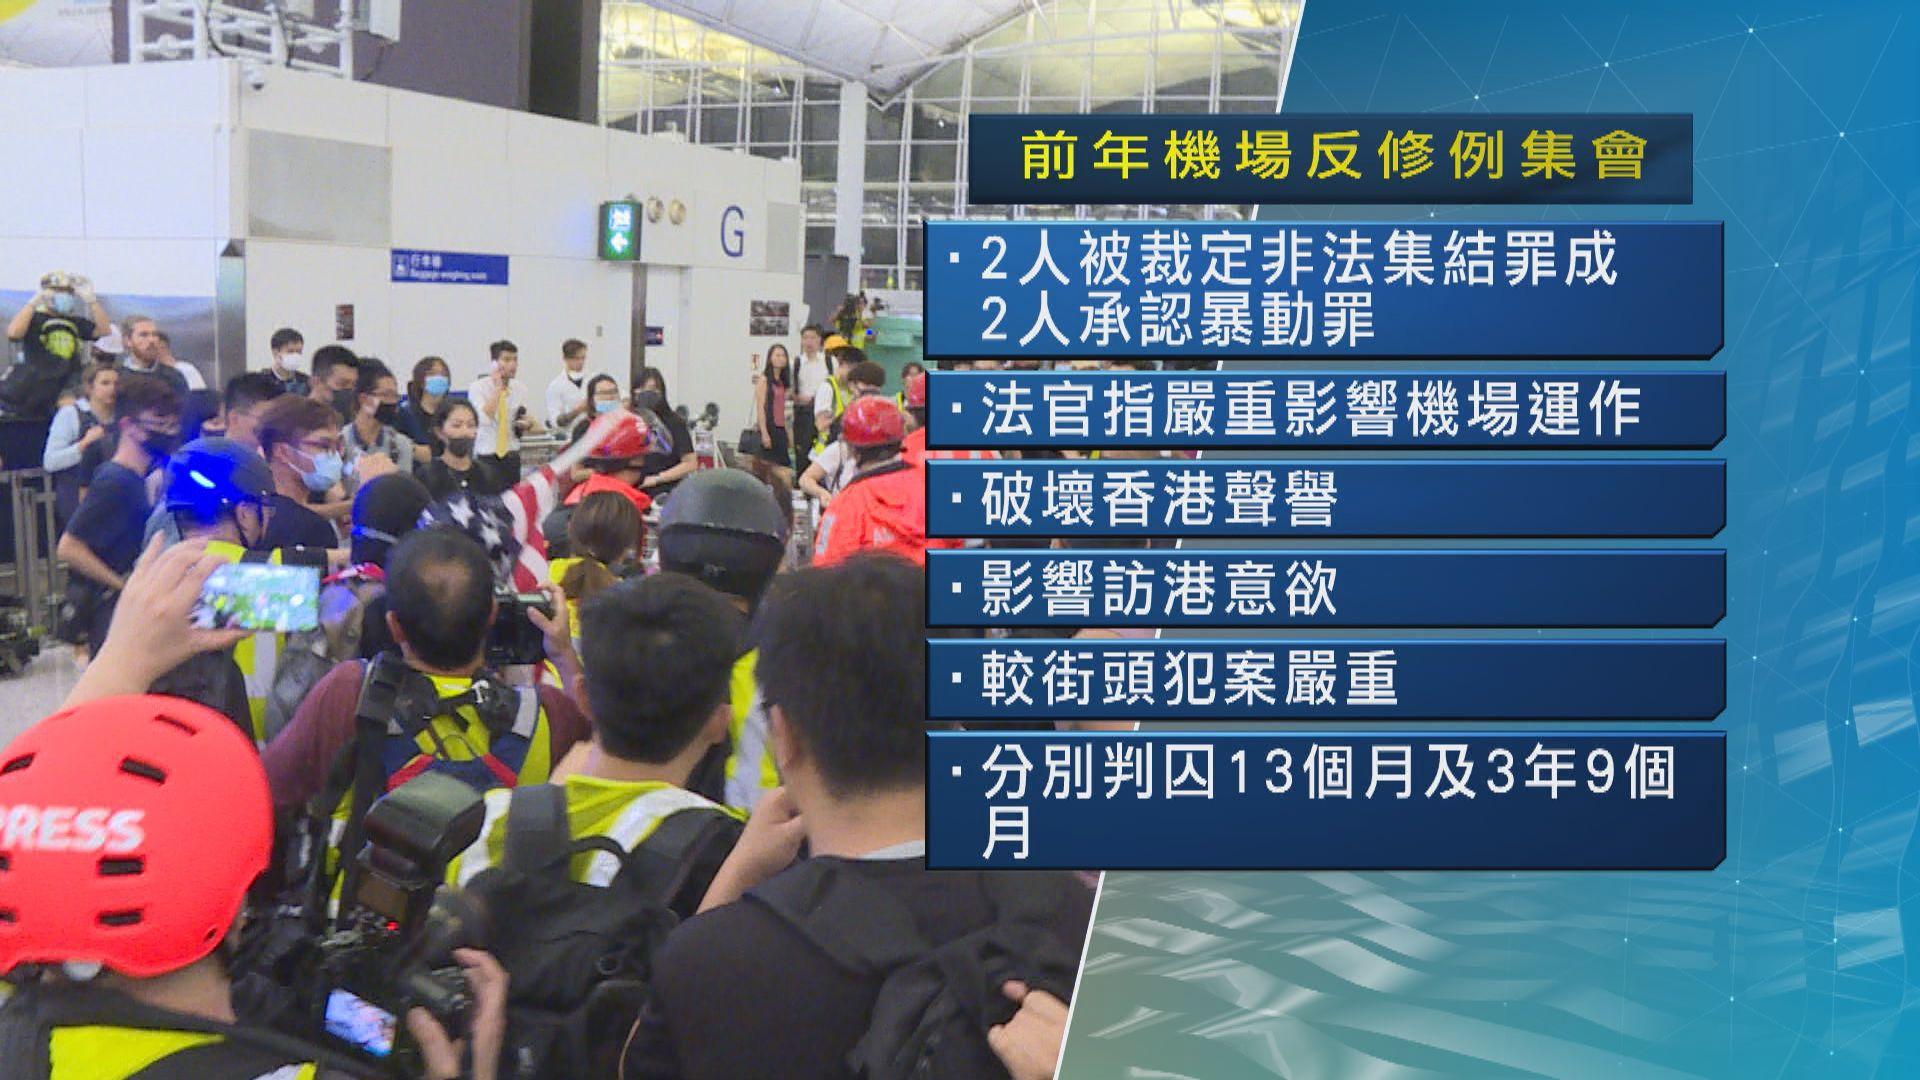 前年機場示威 法官指較街頭犯案嚴重調高量刑起點